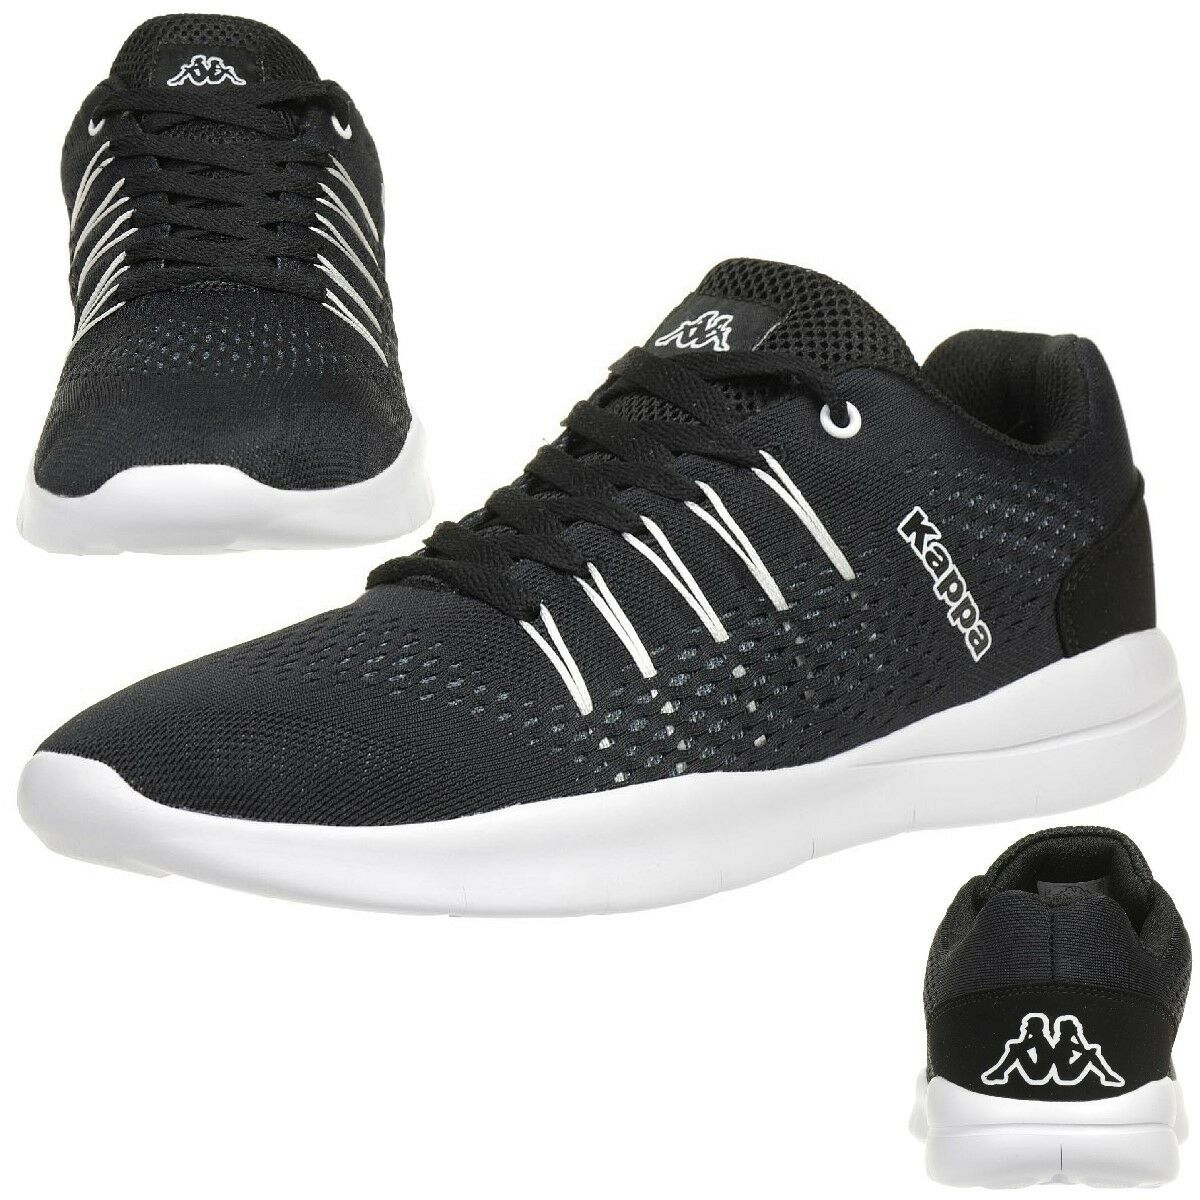 3d6a17f6fc014 Kappa Nexus Baskets Unisexe Unisexe Unisexe Chaussures de Tennis Noir    Terrific Value 08ea22